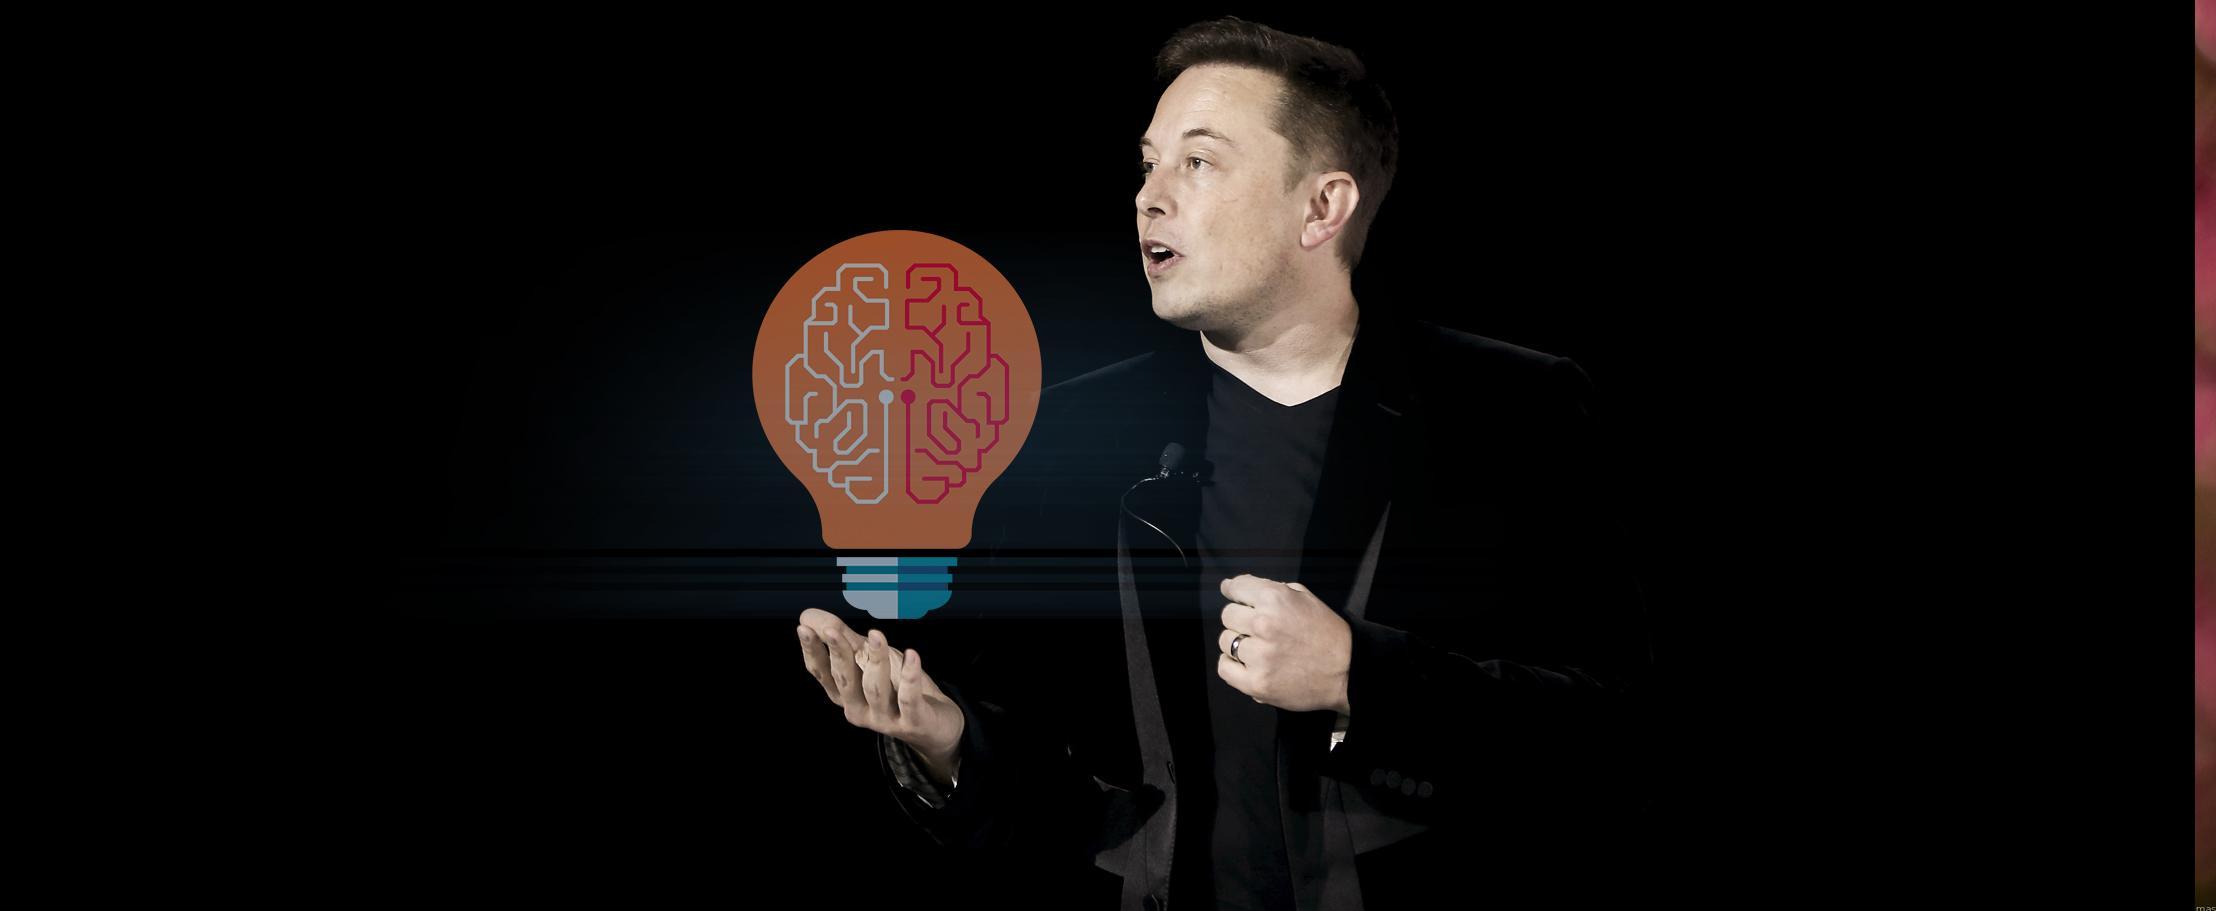 Илон Маск запустил первый настоящий киберпанковский мозговой интерфейс